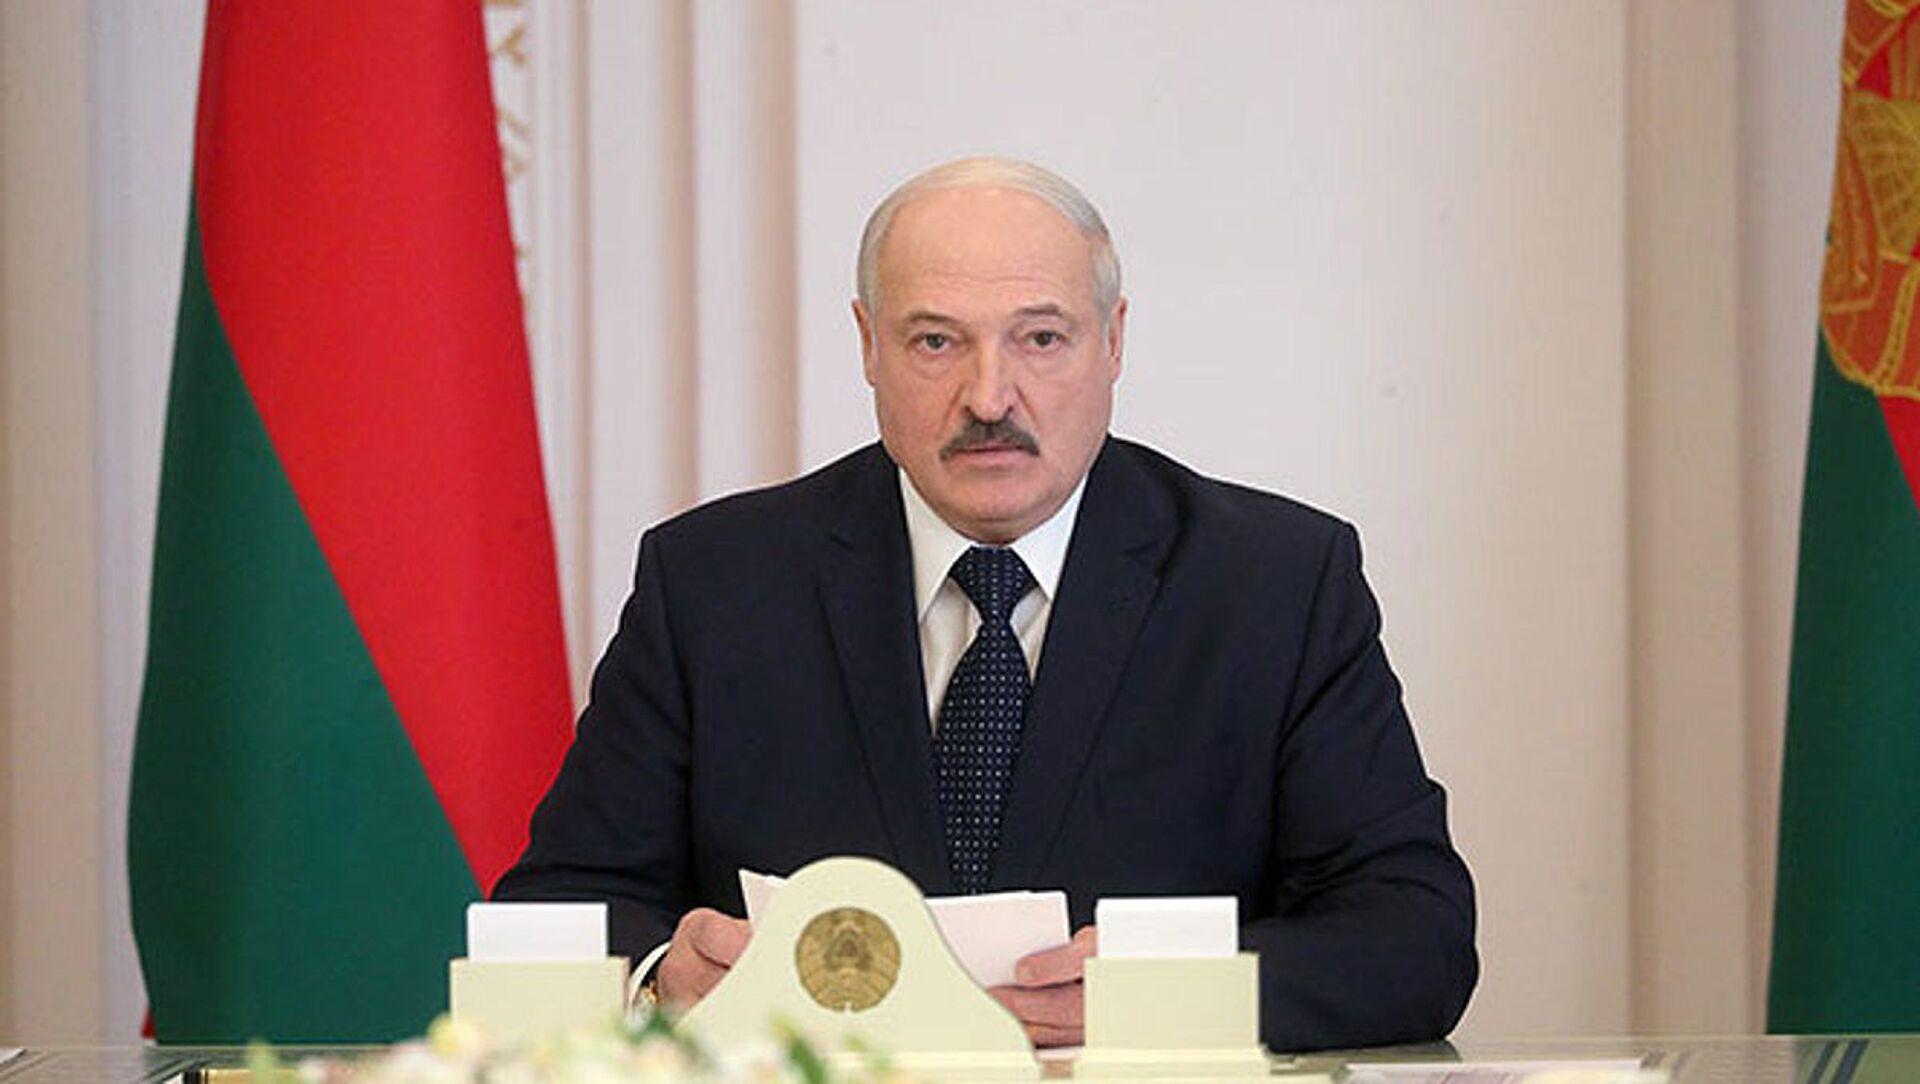 Prezydent Białorusi Alaksandr Łukaszenka - Sputnik Polska, 1920, 18.04.2021